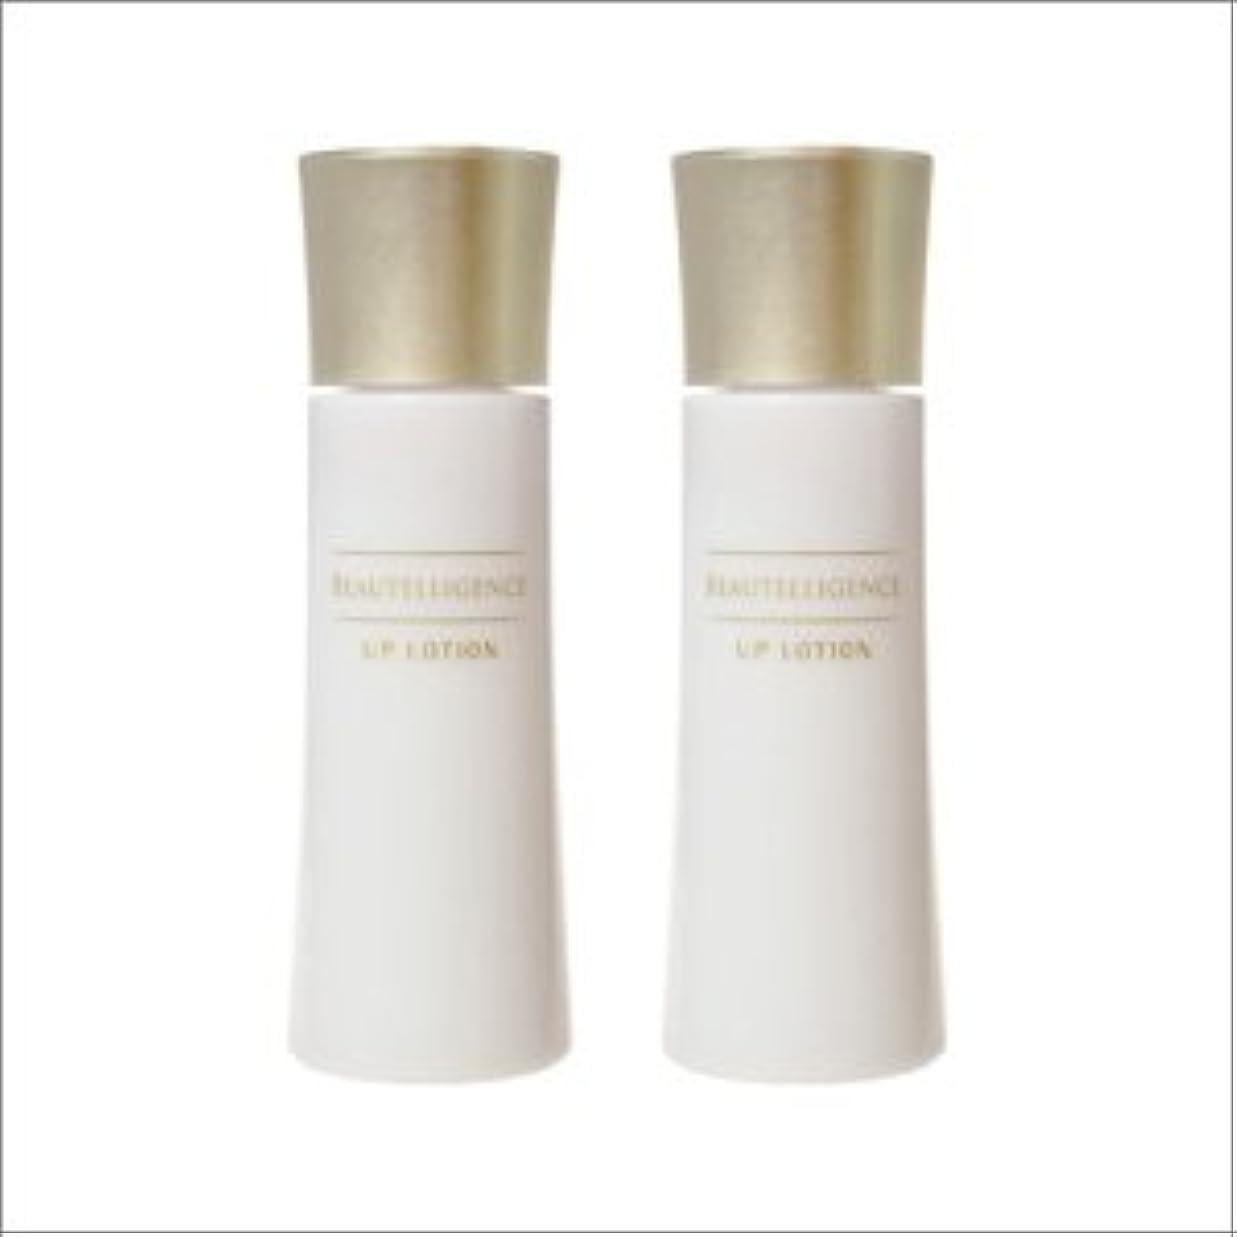 克服するチャット先住民2本セット アップローション ひきしめ 化粧水 美容液 ハリ NEWA オシリフト グリシルグリシンエイジングケア